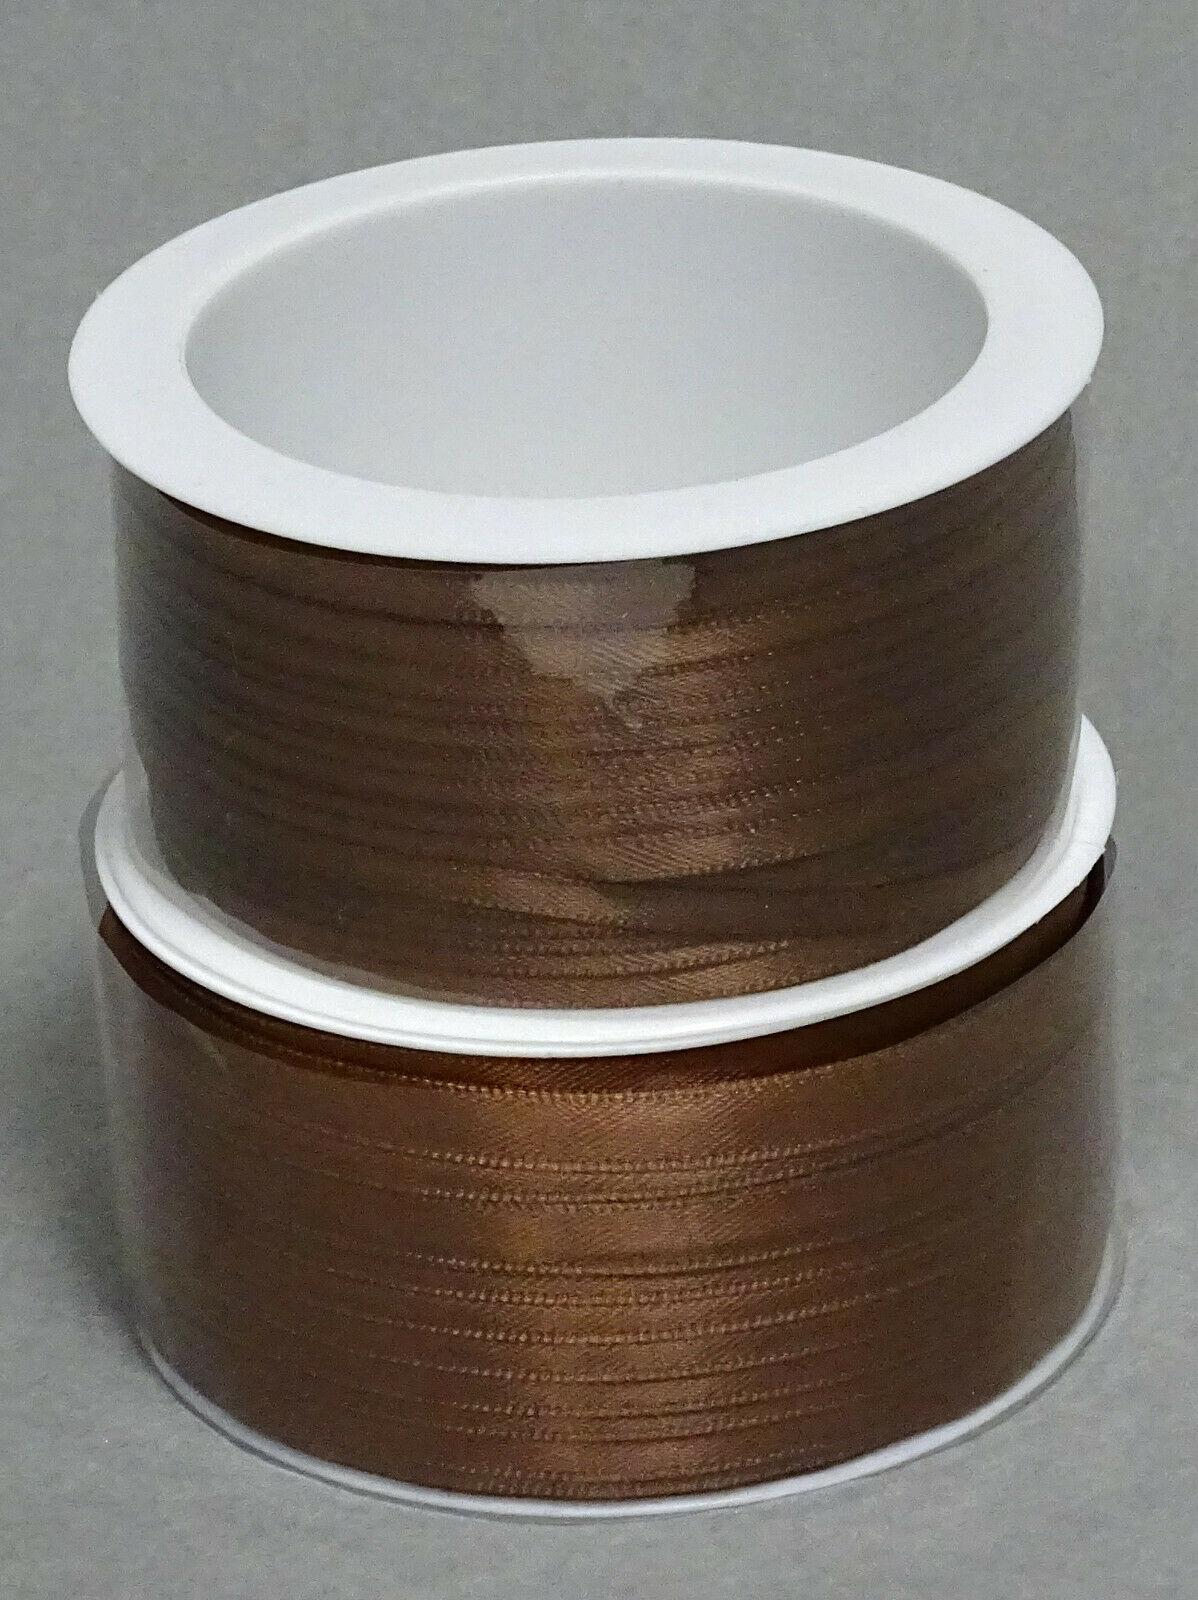 Satinband Schleifenband 50m x 3mm / 6mm Dekoband ab 0,05 €/m Geschenkband Rolle - Braun 132, 3 mm x 50 m